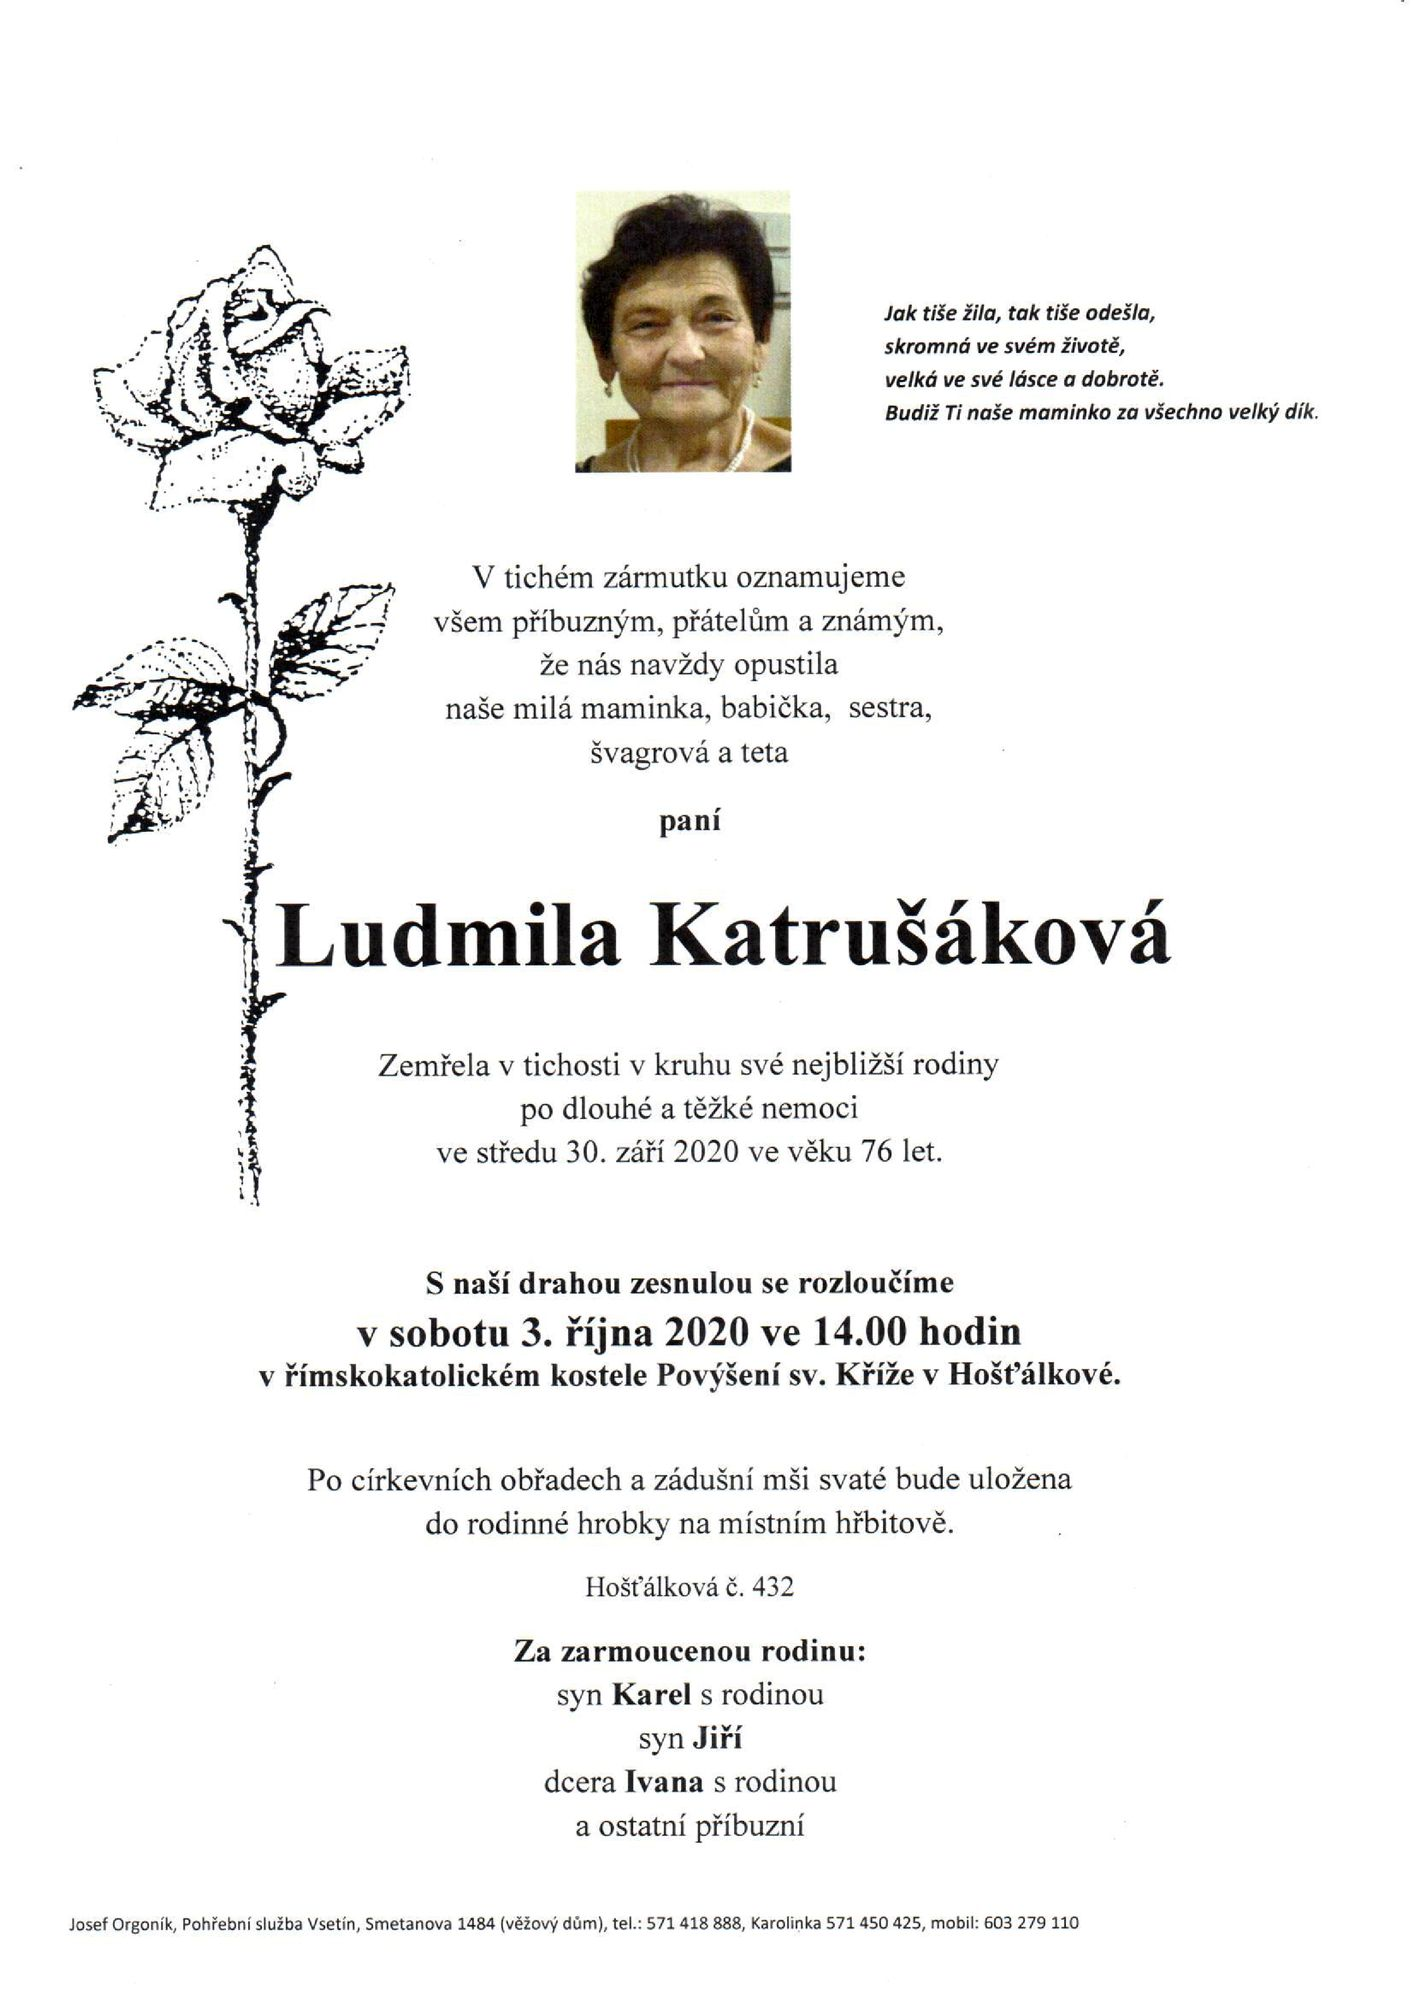 Ludmila Katrušáková